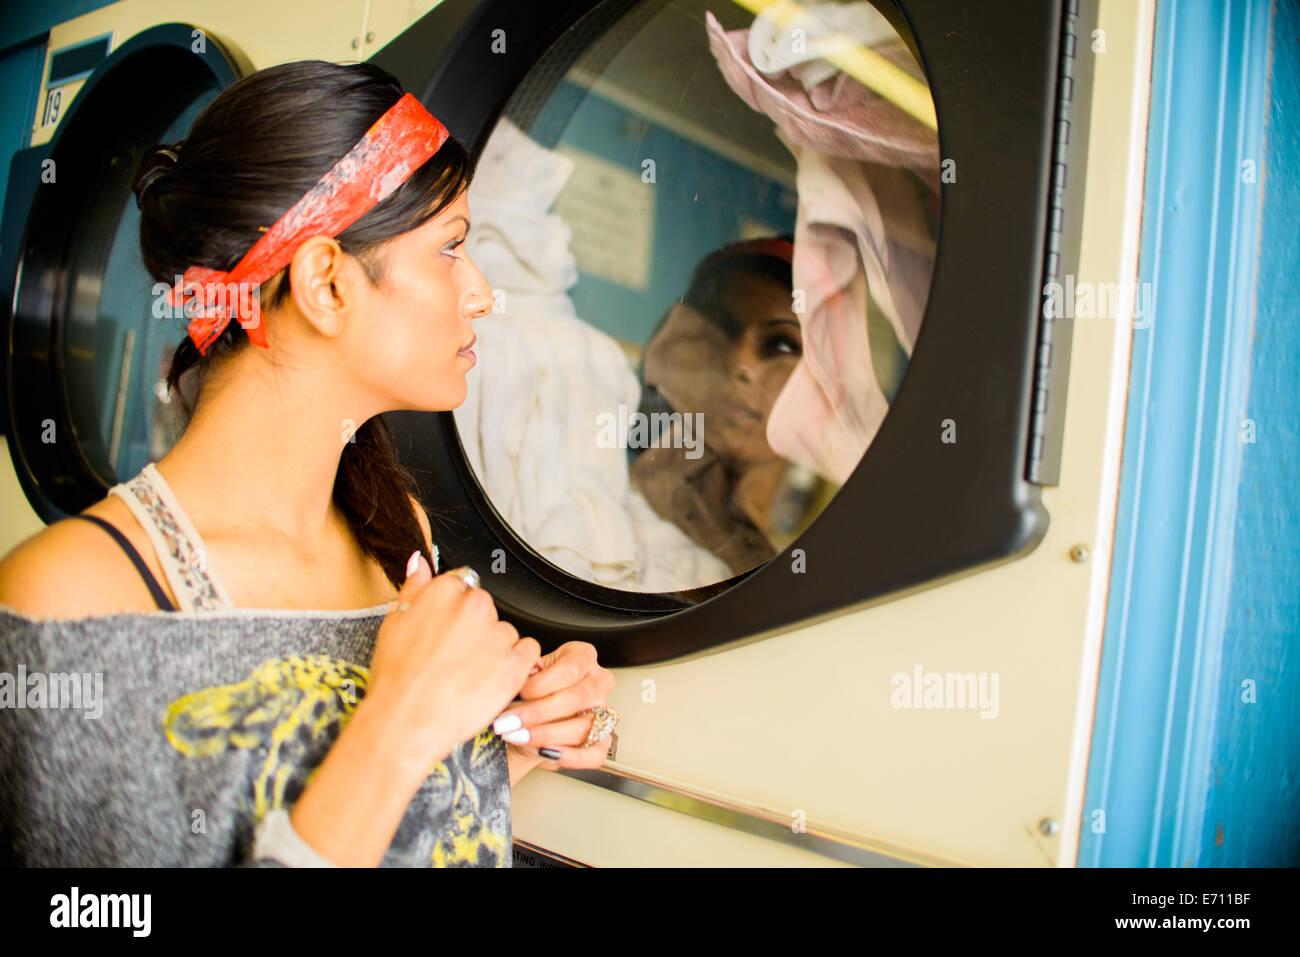 Giovane donna in lavanderia a gettoni, guardando il lavaggio in macchina Immagini Stock